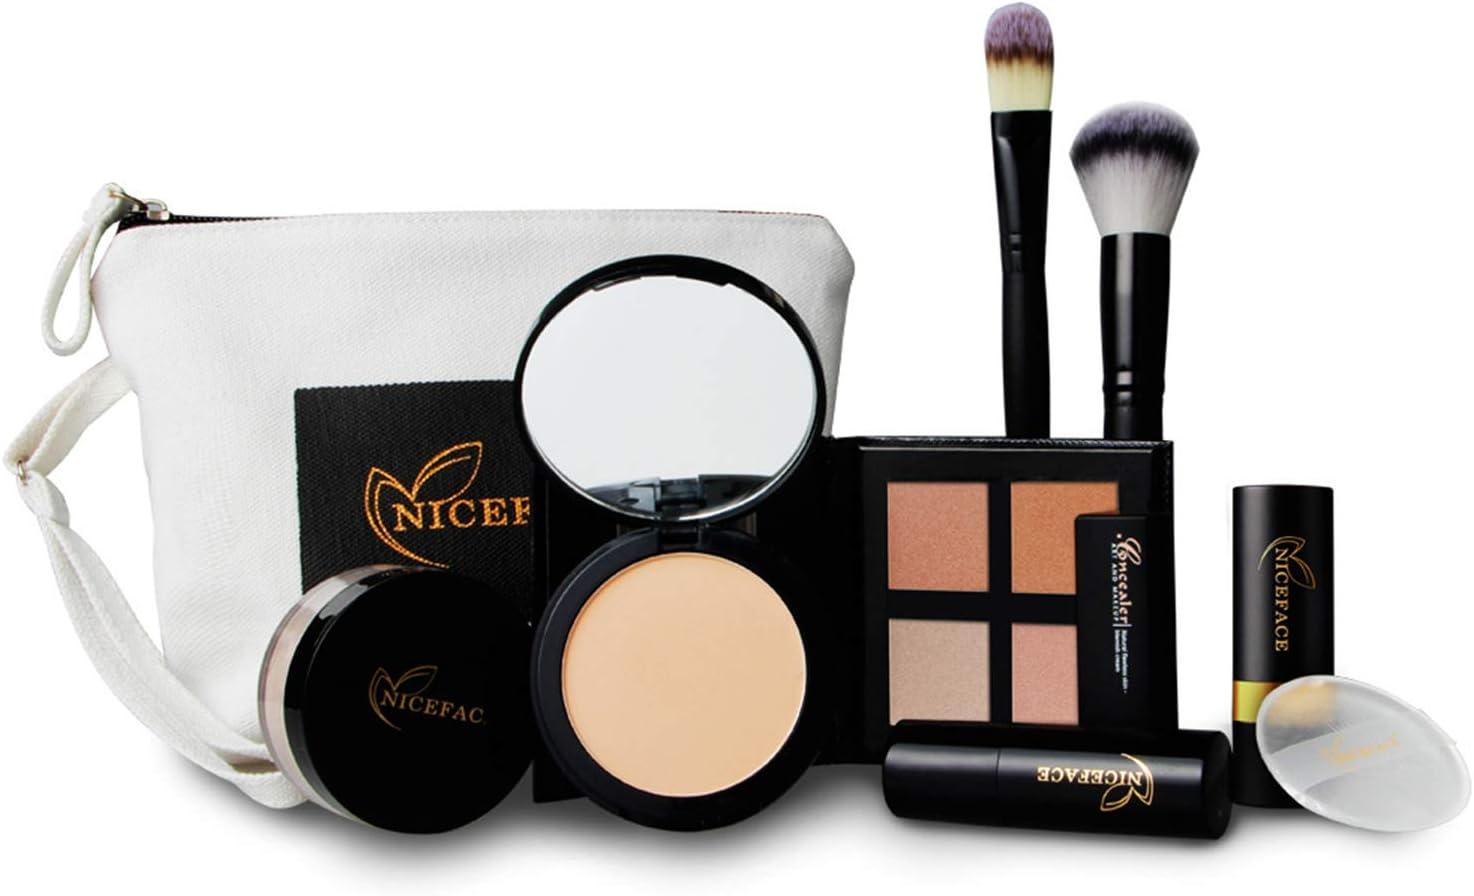 FantasyDay® 6 Piezas Juego de Maquillaje Cassette Schmink Set Maquillaje de Belleza Paleta de Sombras Estuche de maquillaje Profesional Cosmético de Caja Belleza Juego de Regalos de Navidad#3: Amazon.es: Belleza